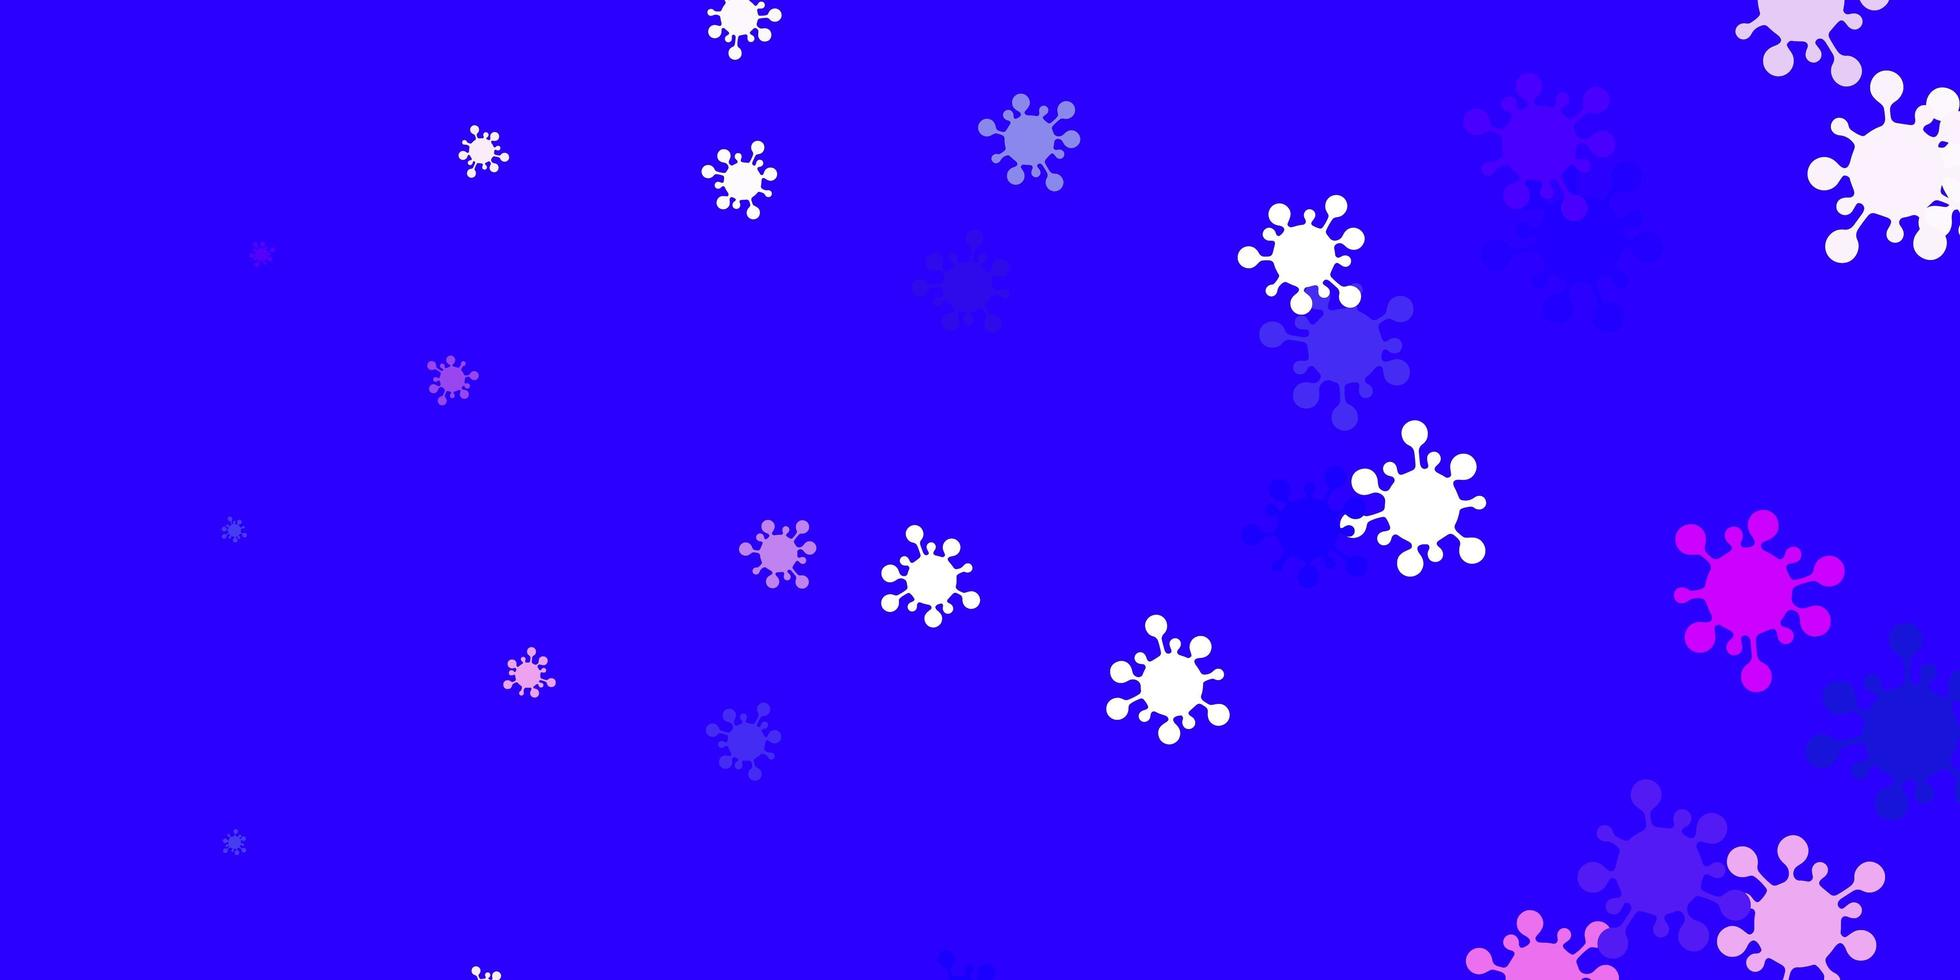 fond bleu avec des symboles covid-19. vecteur